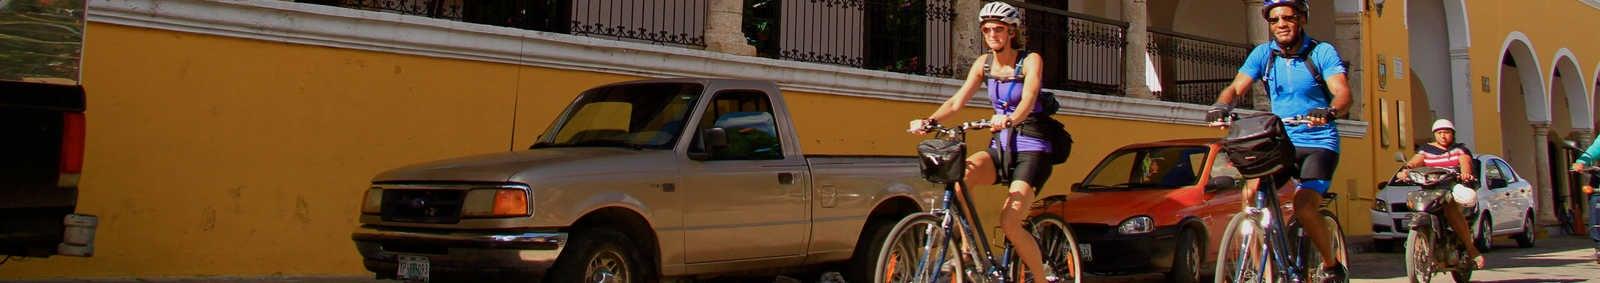 Cycling Mexico